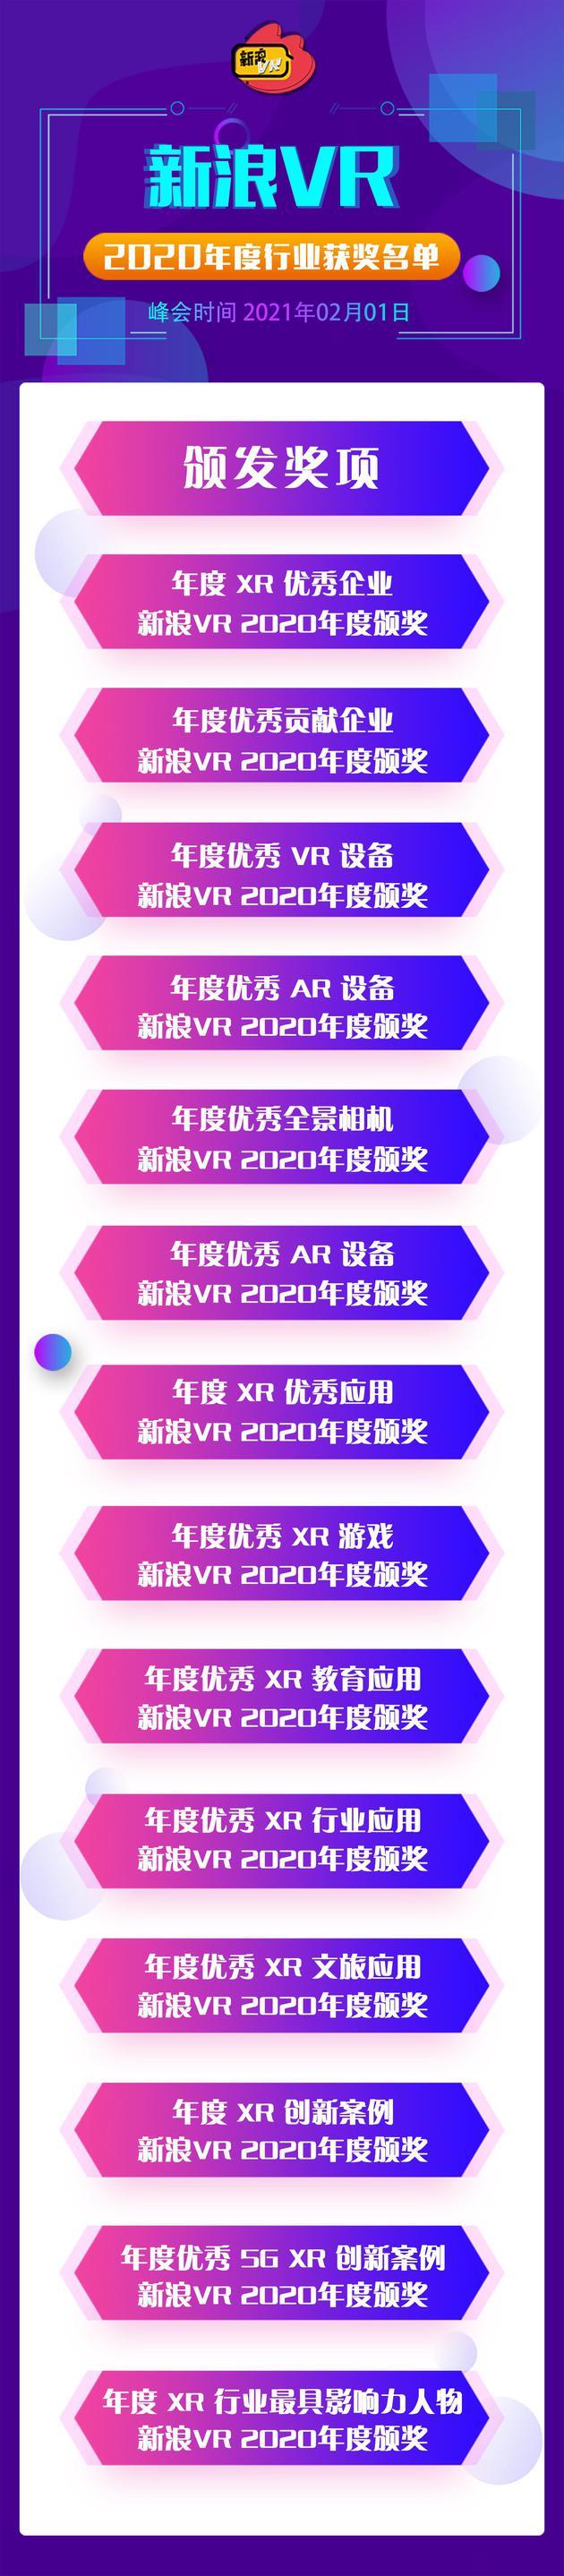 新浪VR2020年度行业获奖名单公布:2021年,XR继续前进